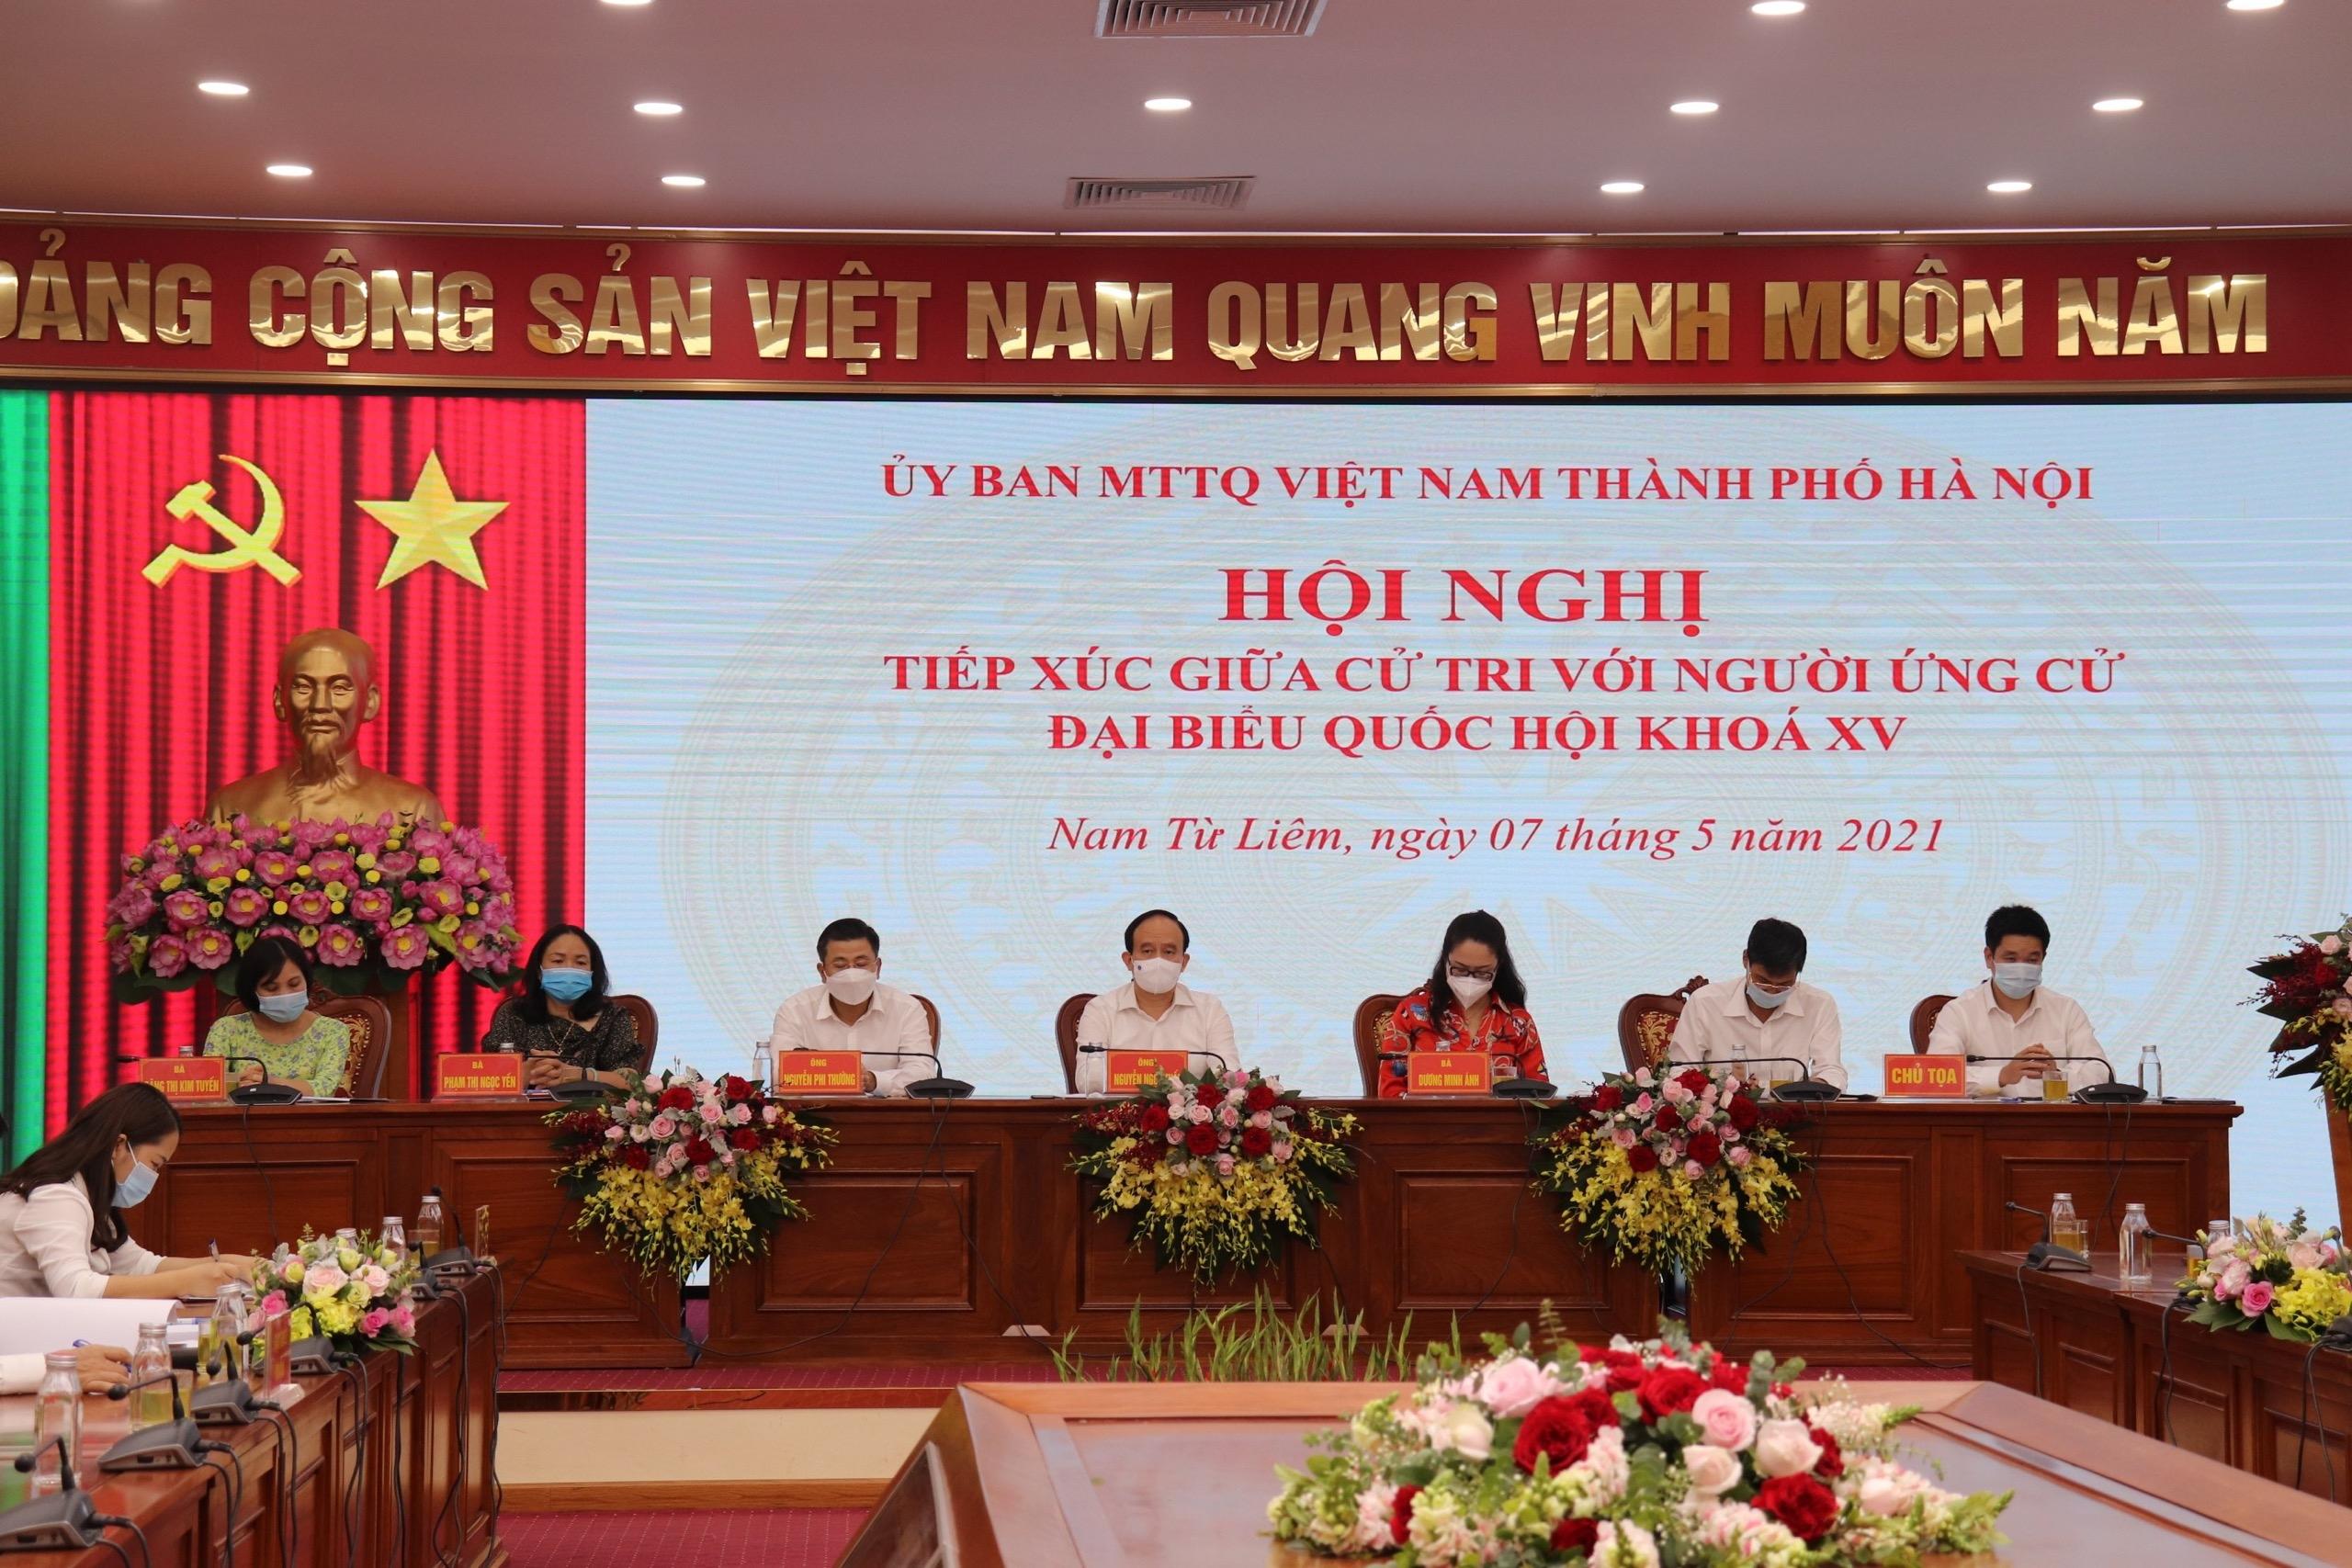 Cử tri quận Nam Từ Liêm đánh giá cao chương trình hành động của các ứng cử viên đại biểu Quốc hội khóa XV